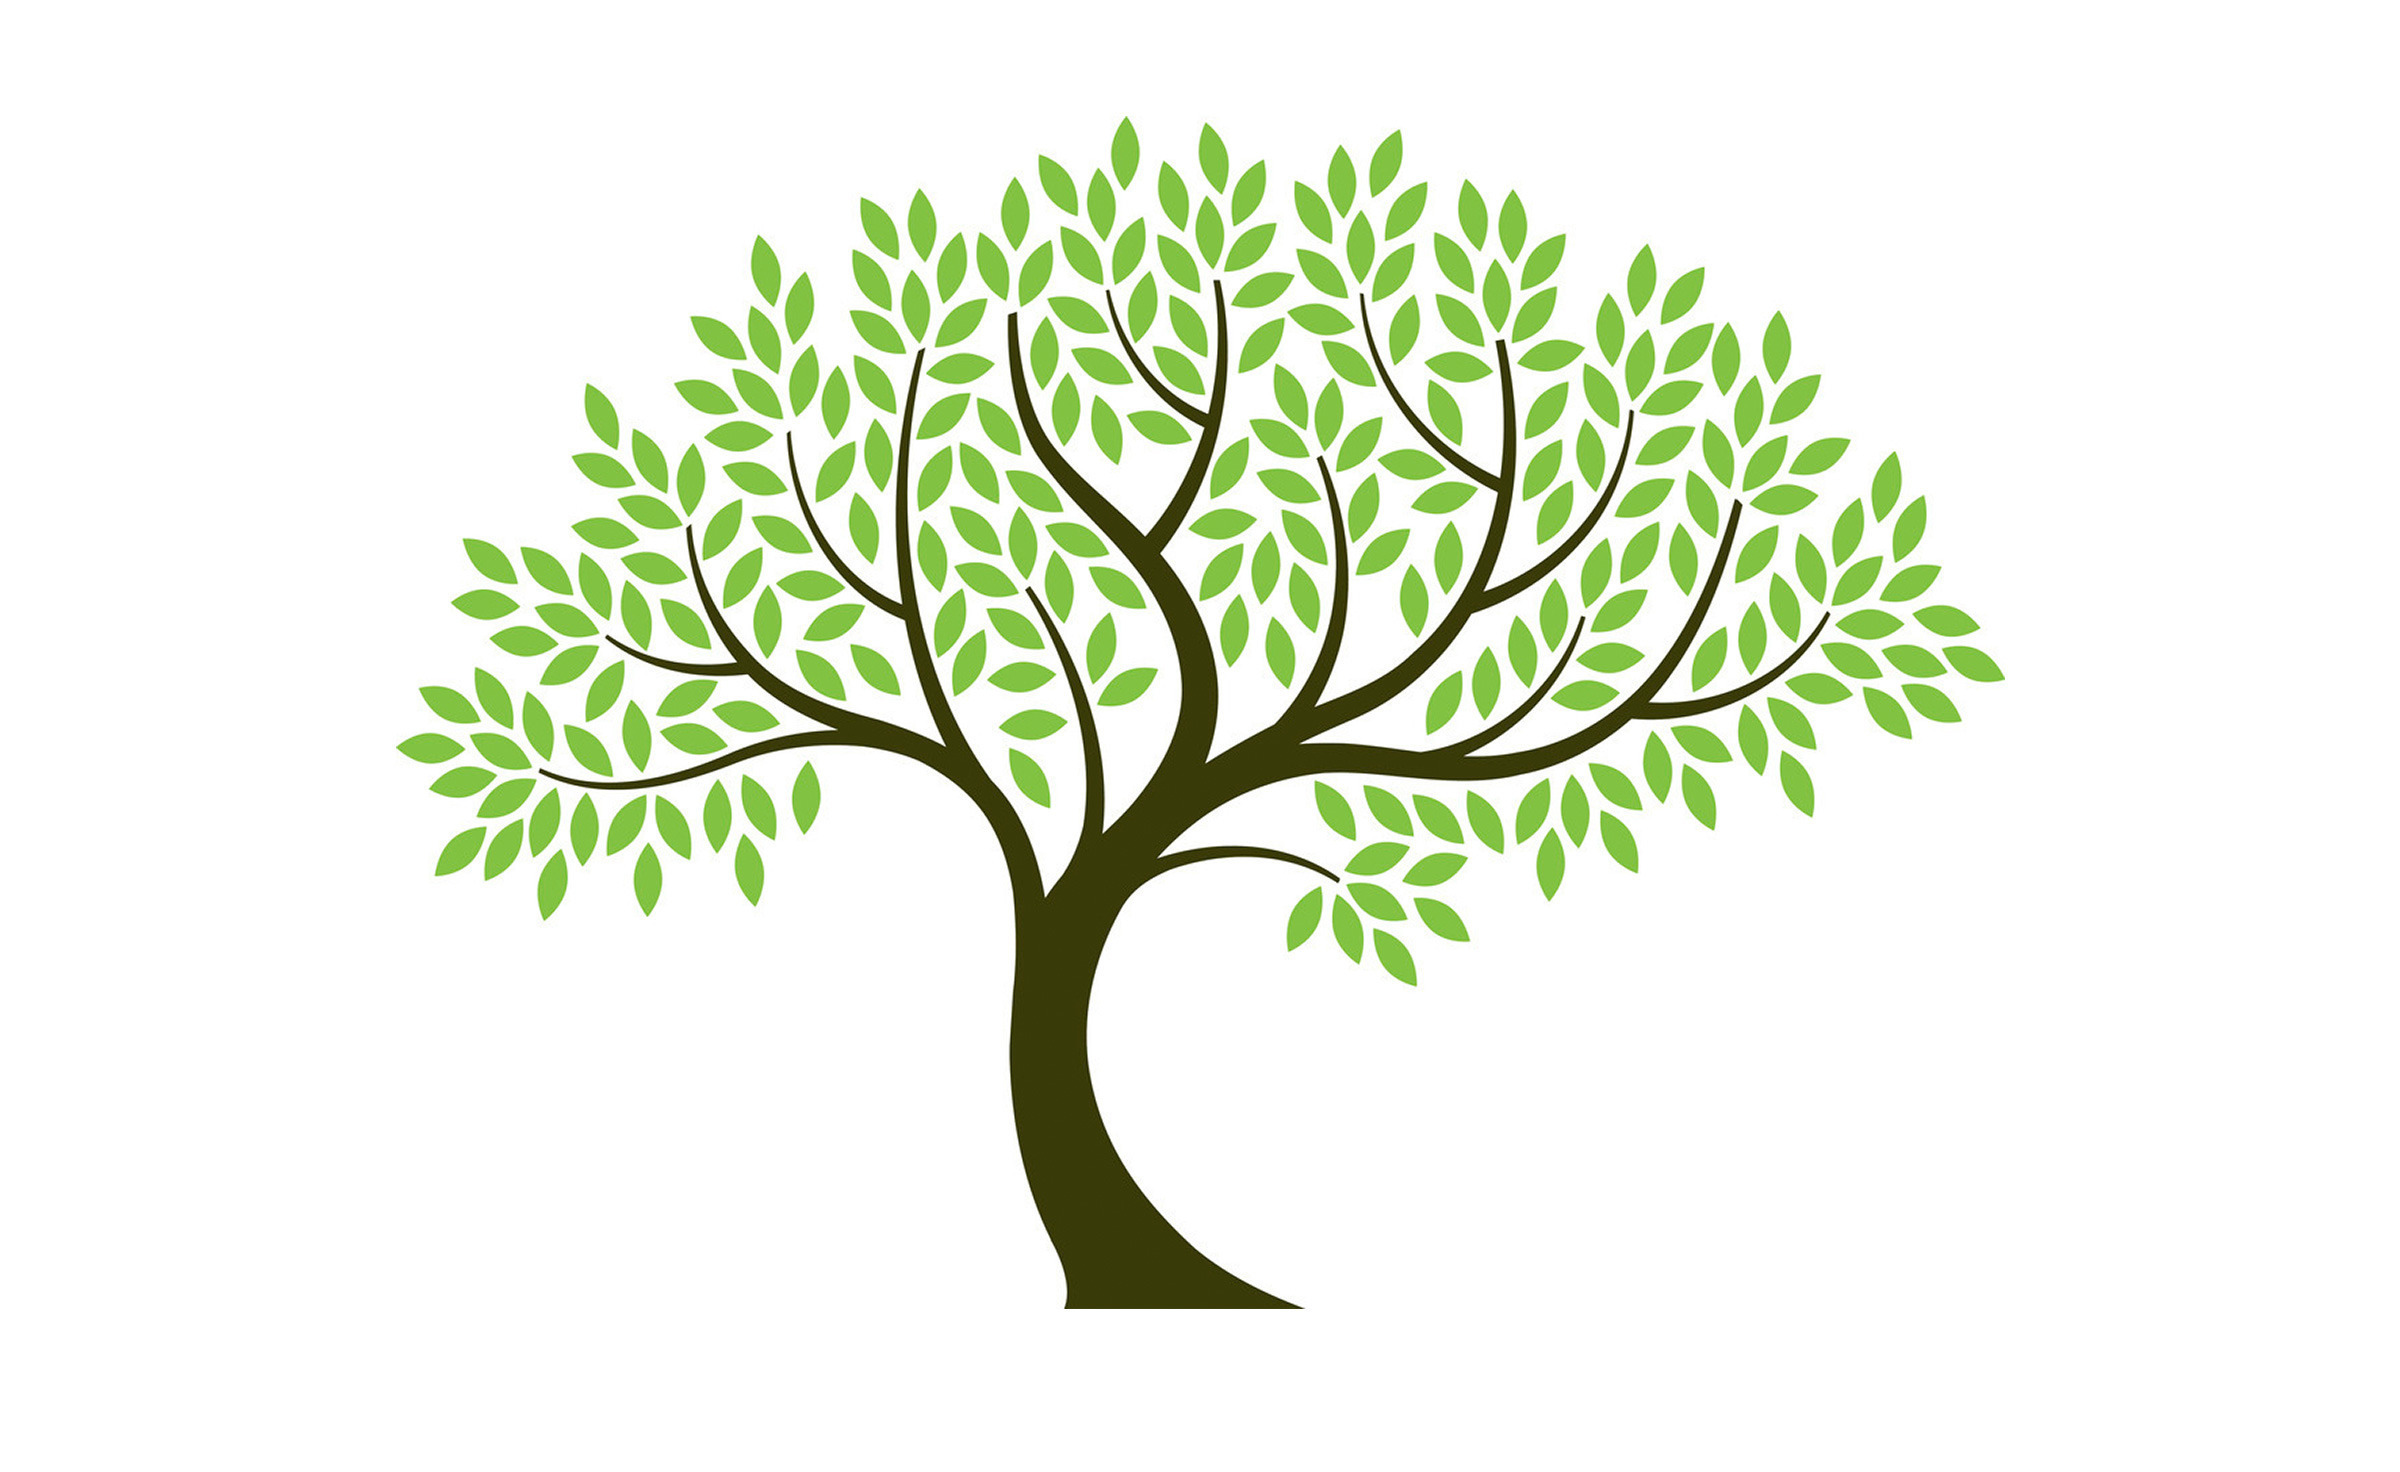 [35+] Skizze Baum Ohne Blätter